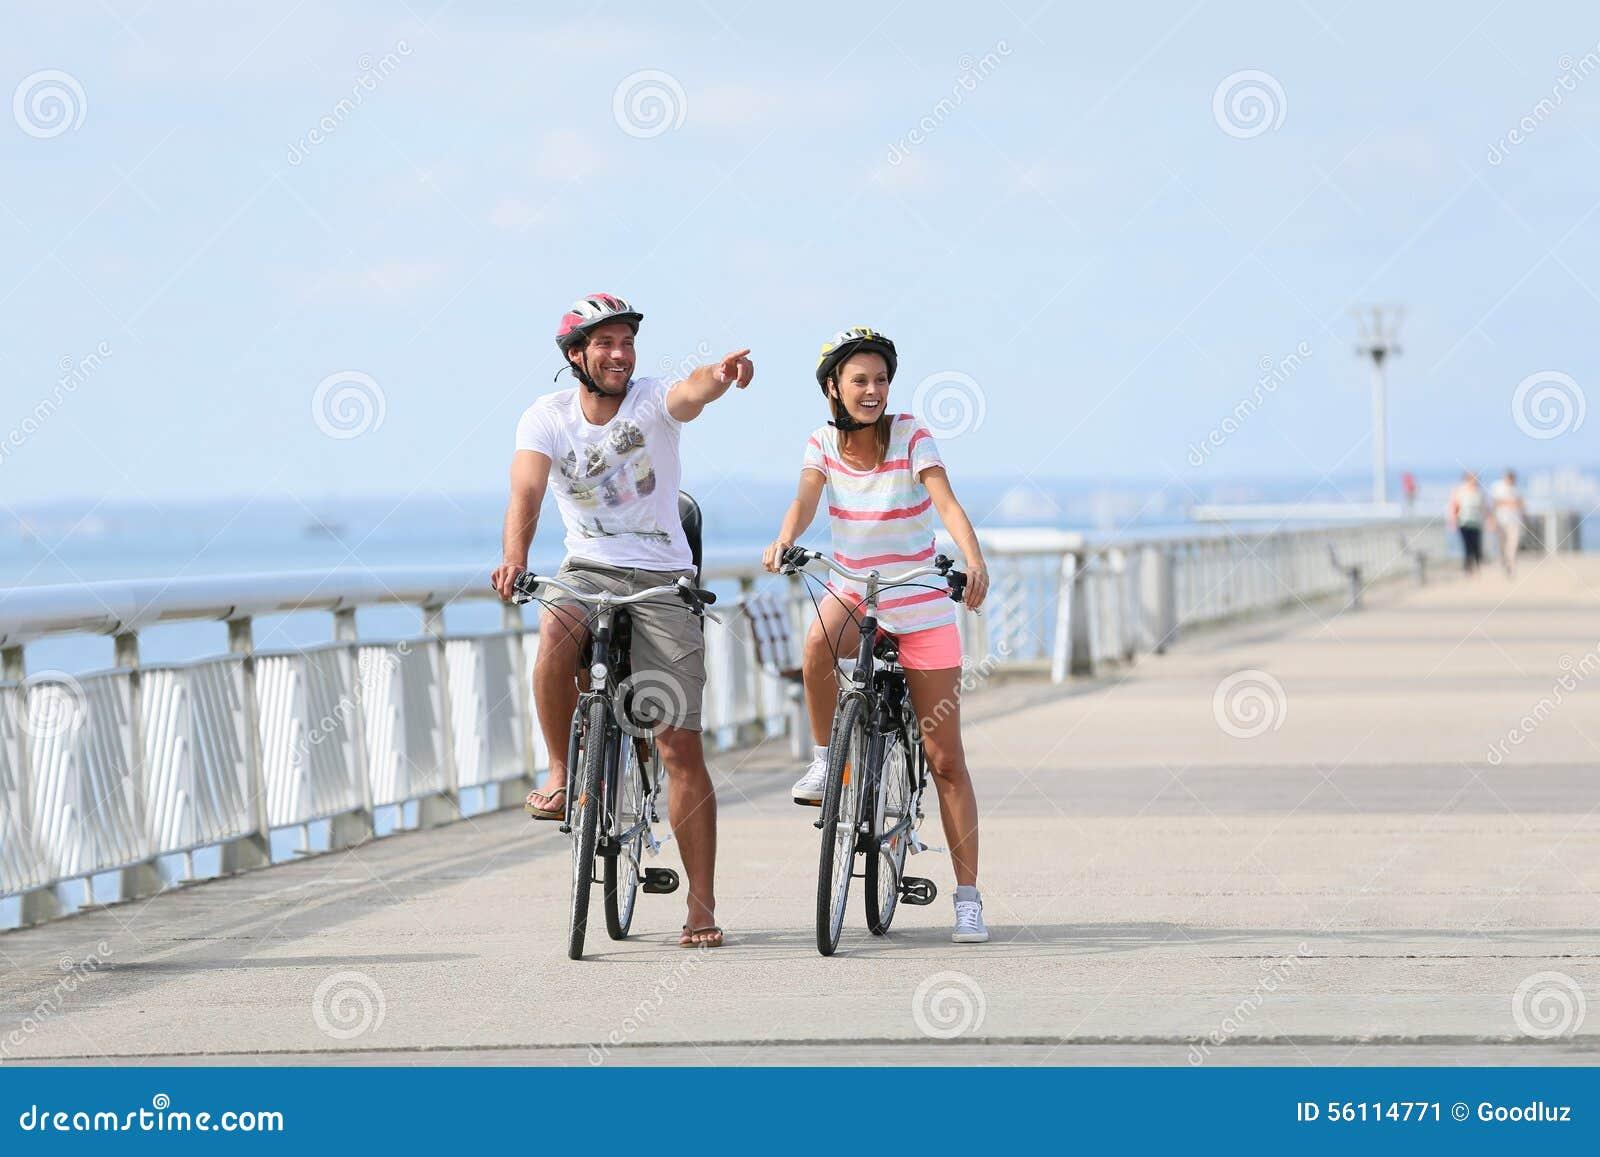 在一次骑自行车的旅途上的家庭在海边